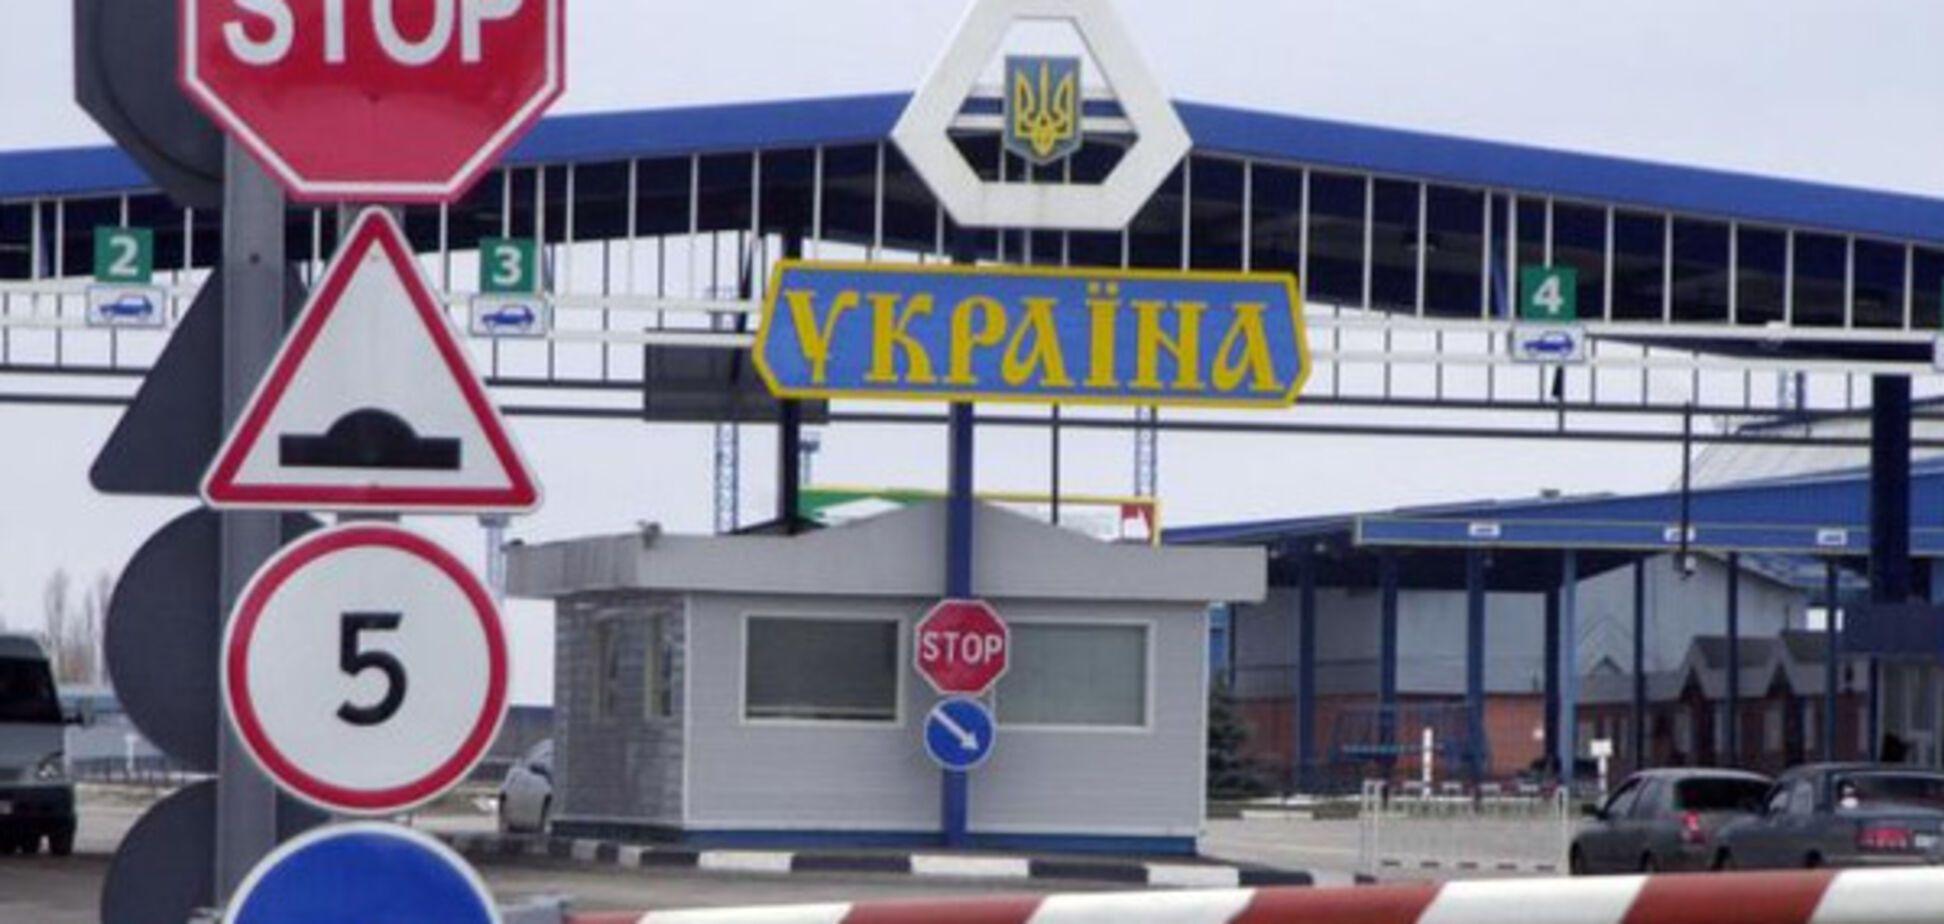 Устали от мучений: две россиянки с ребенком попросили убежища в Украине